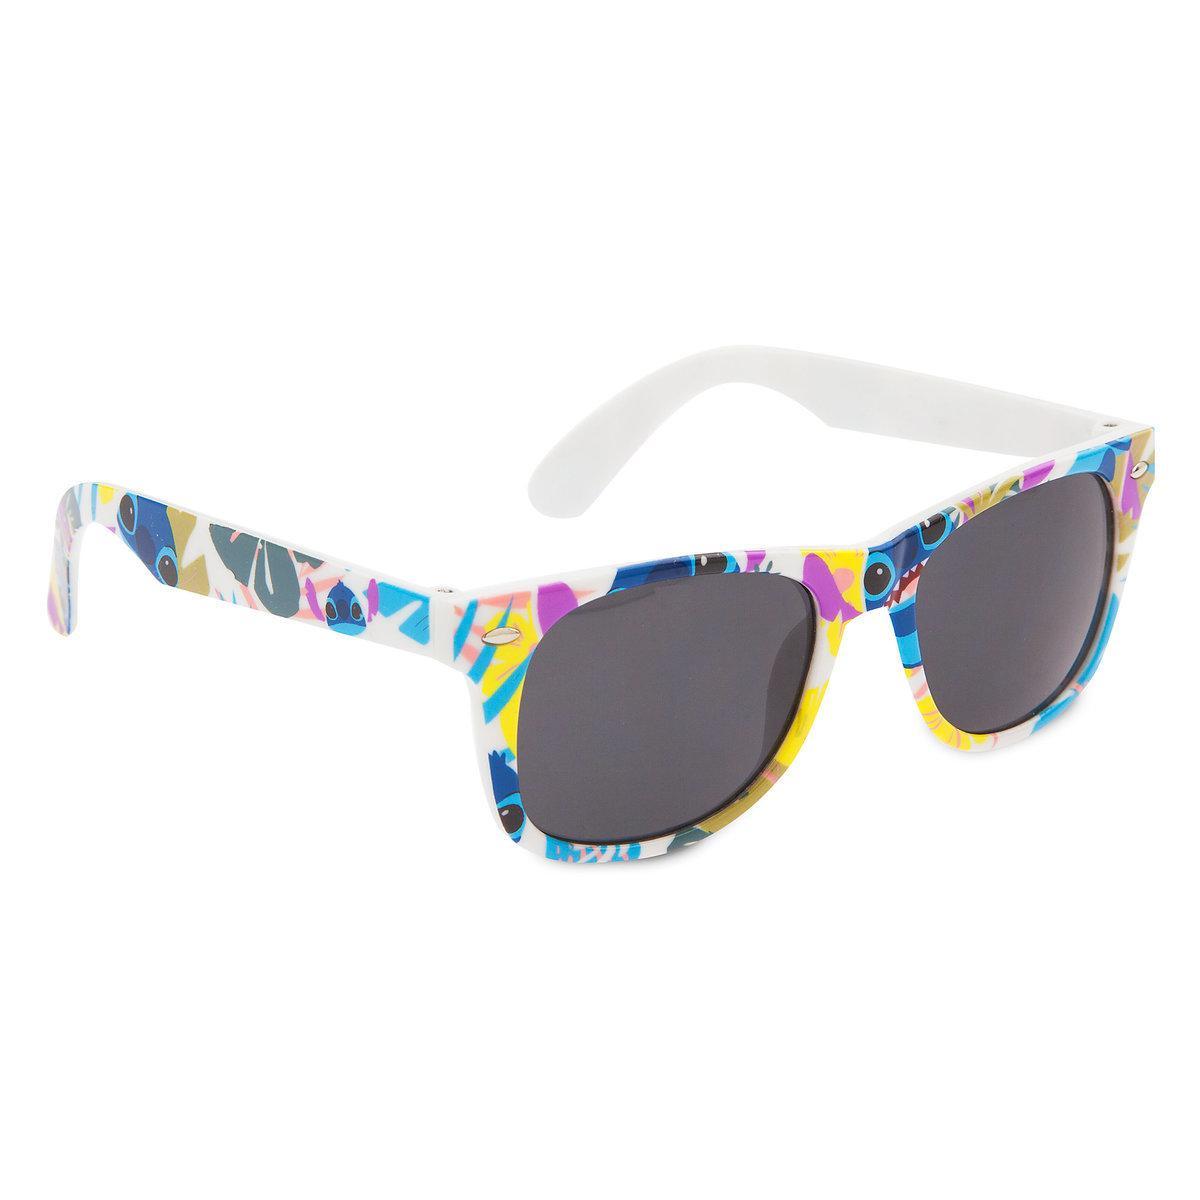 Сонцезахисні окуляри Ліло і Стіч Дісней - Крамничка Mickey - іграшки від  світових брендів в Виннице 3fb3c0e82298f